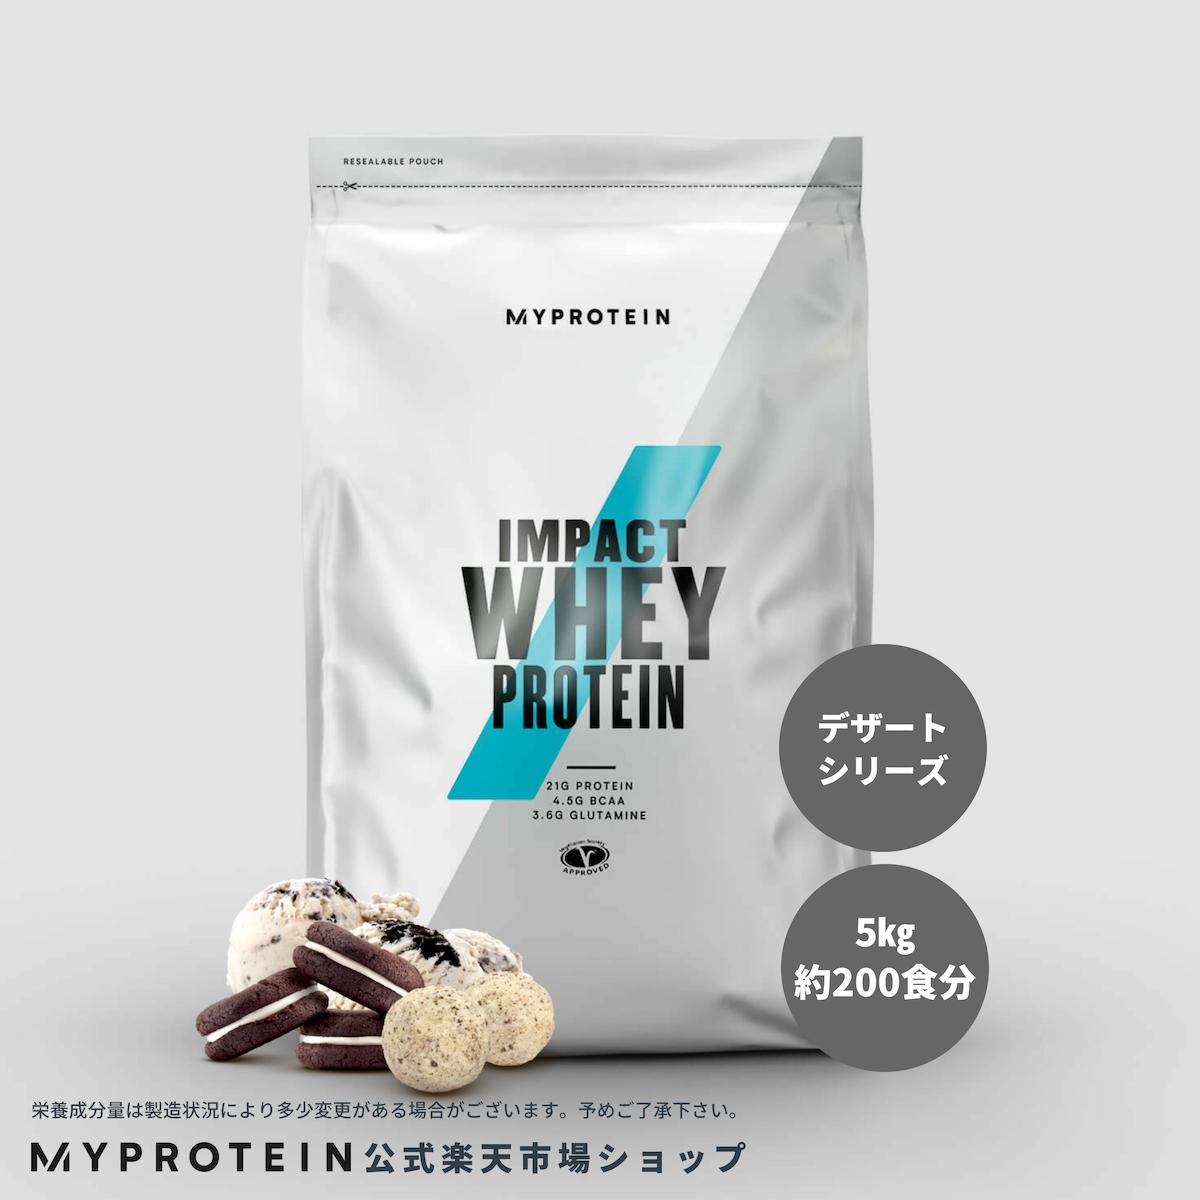 マイプロテイン 公式 【MyProtein】 Impact ホエイプロテイン(デザートシリーズ) 5kg 約200食分【海外直送】